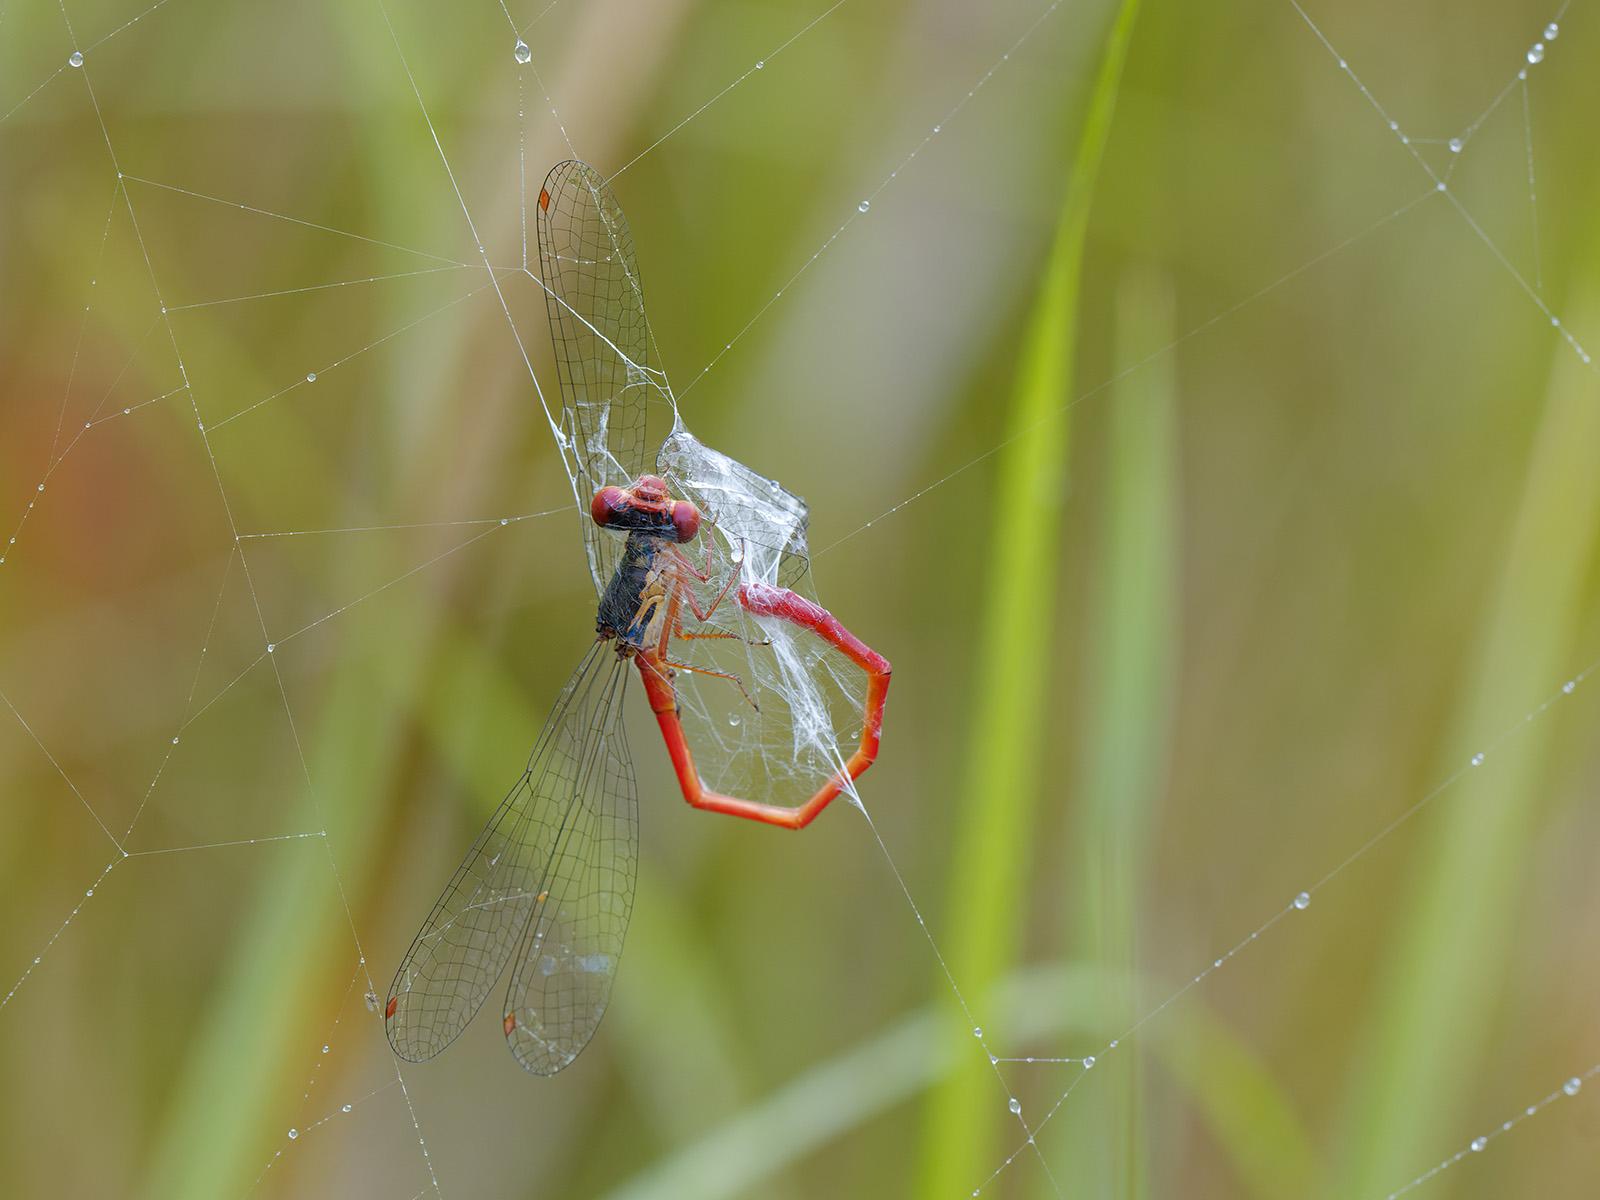 Ceriagrion tenellum, male caught in spider web